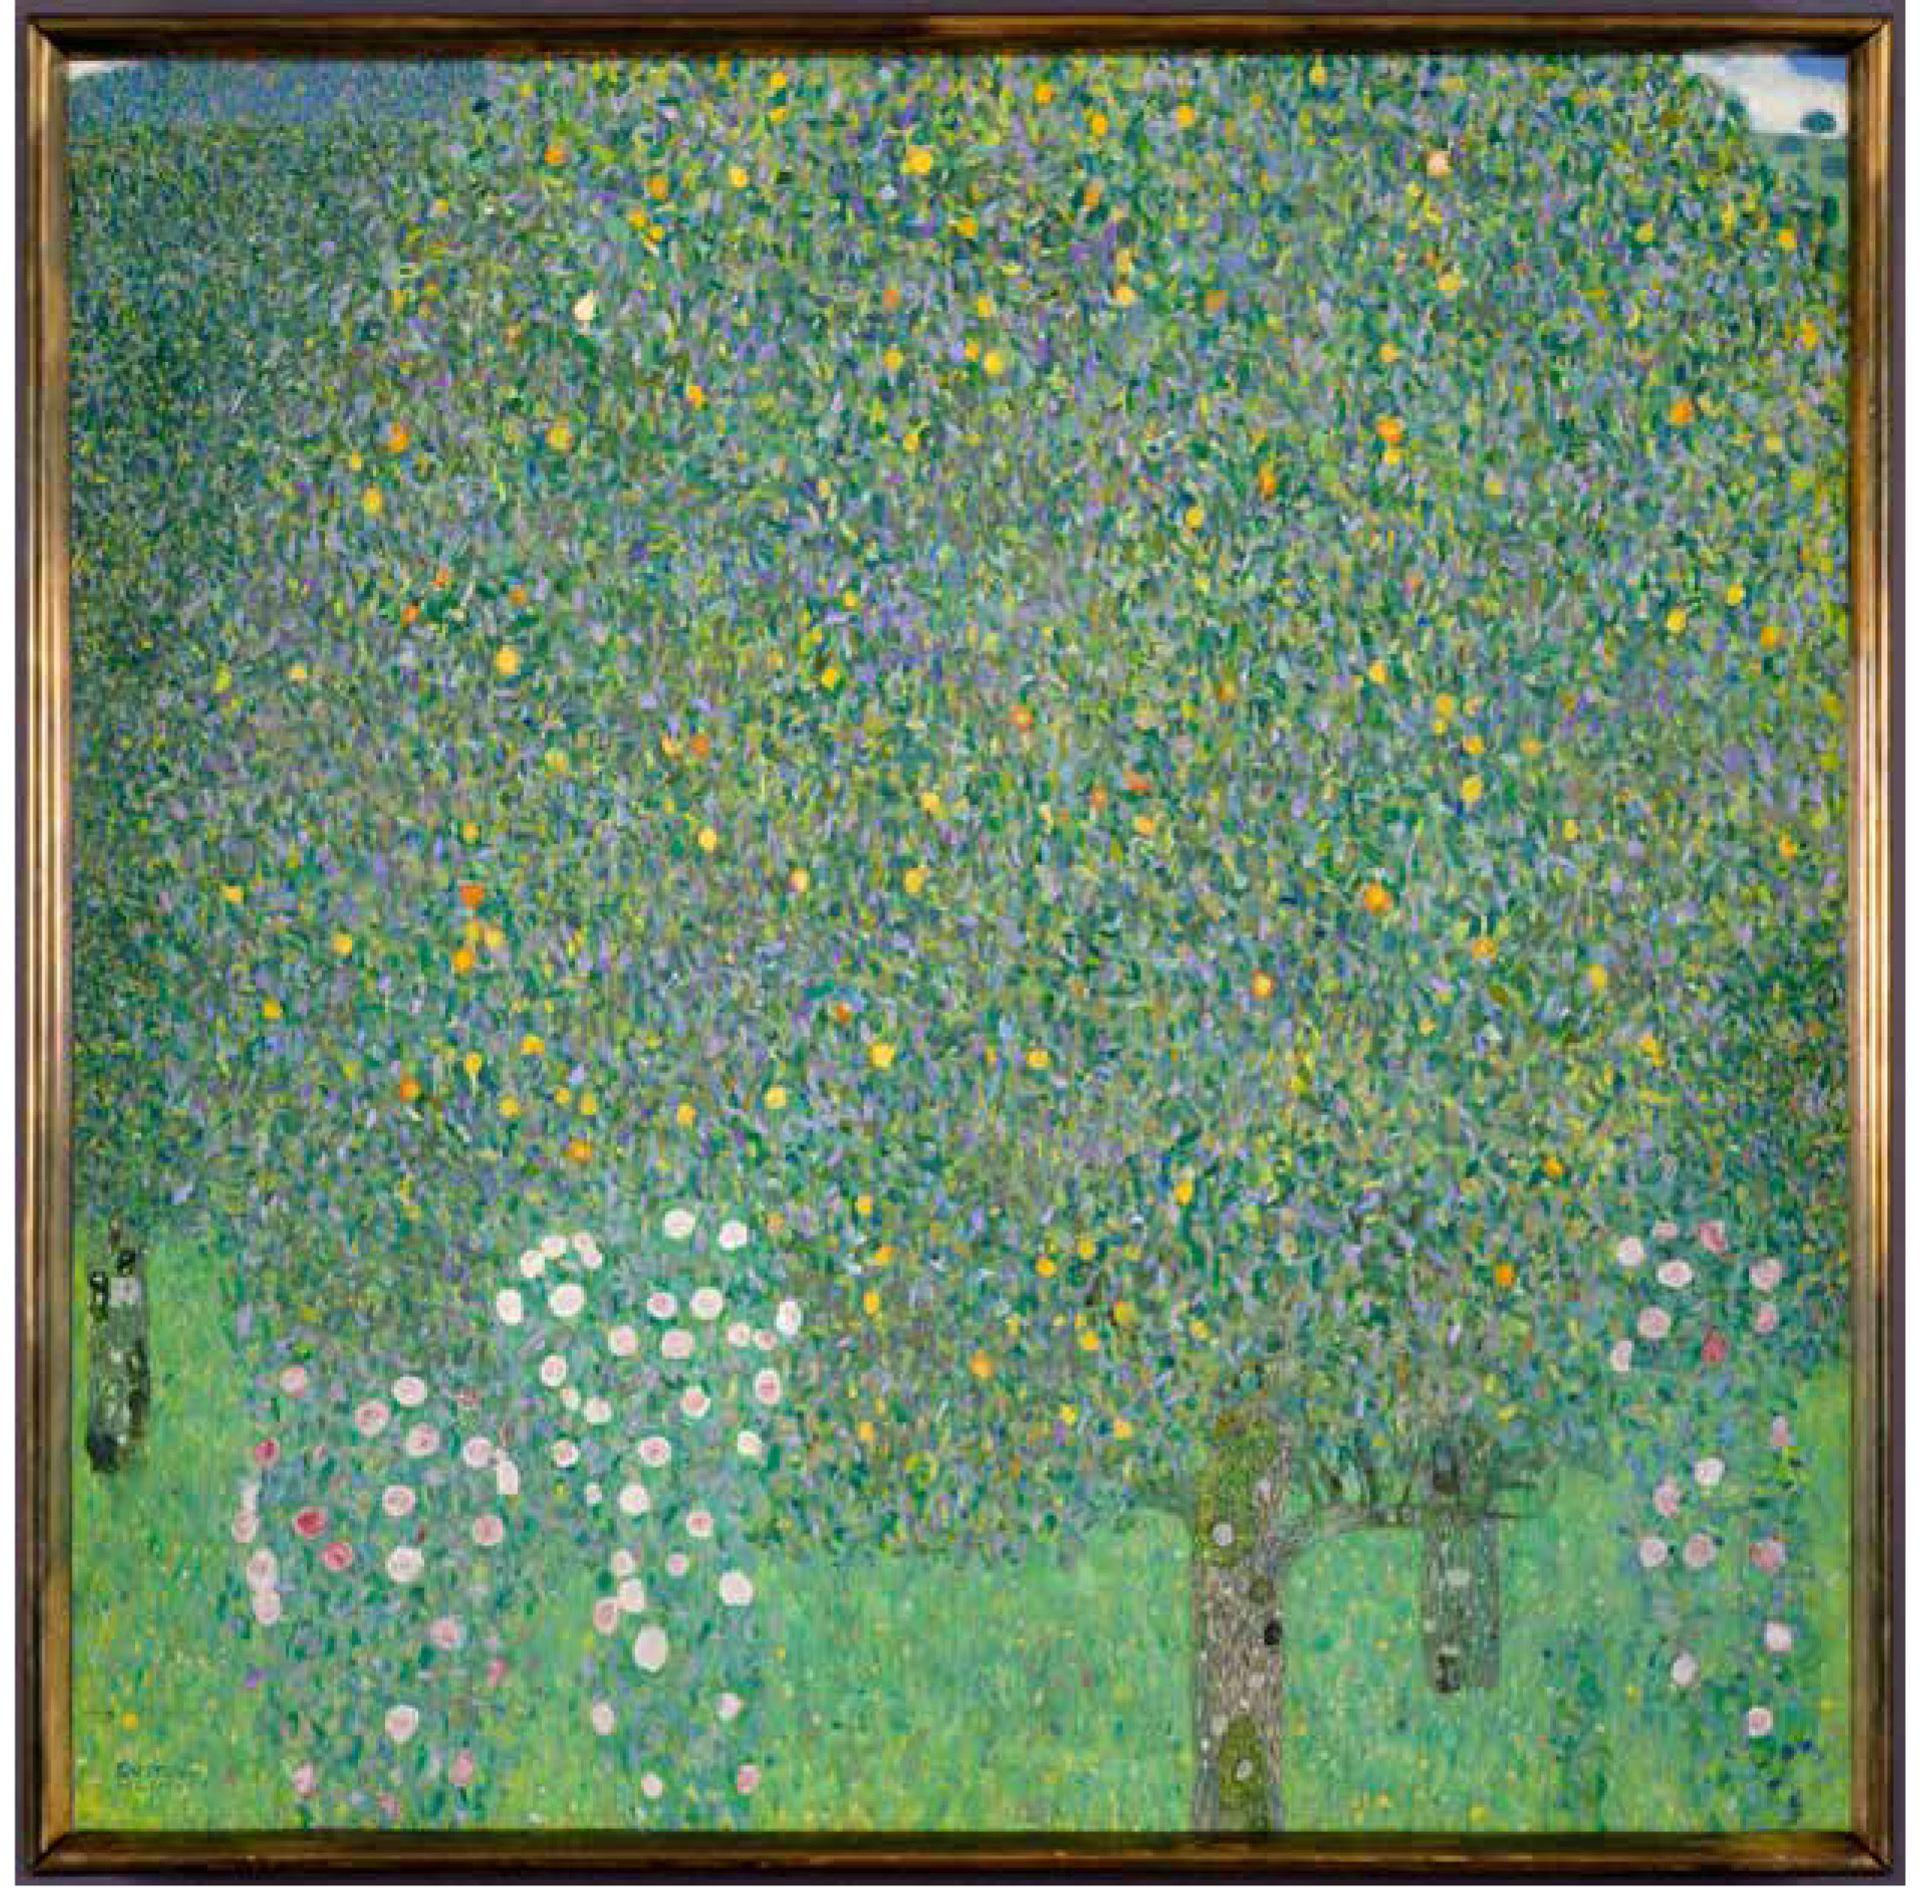 Gustav Klimt, Rosiers sous les arbres Vers (1905), oil on canvas © RMN-Grand Palais (Musée d'Orsay) / Patrice Schmidt